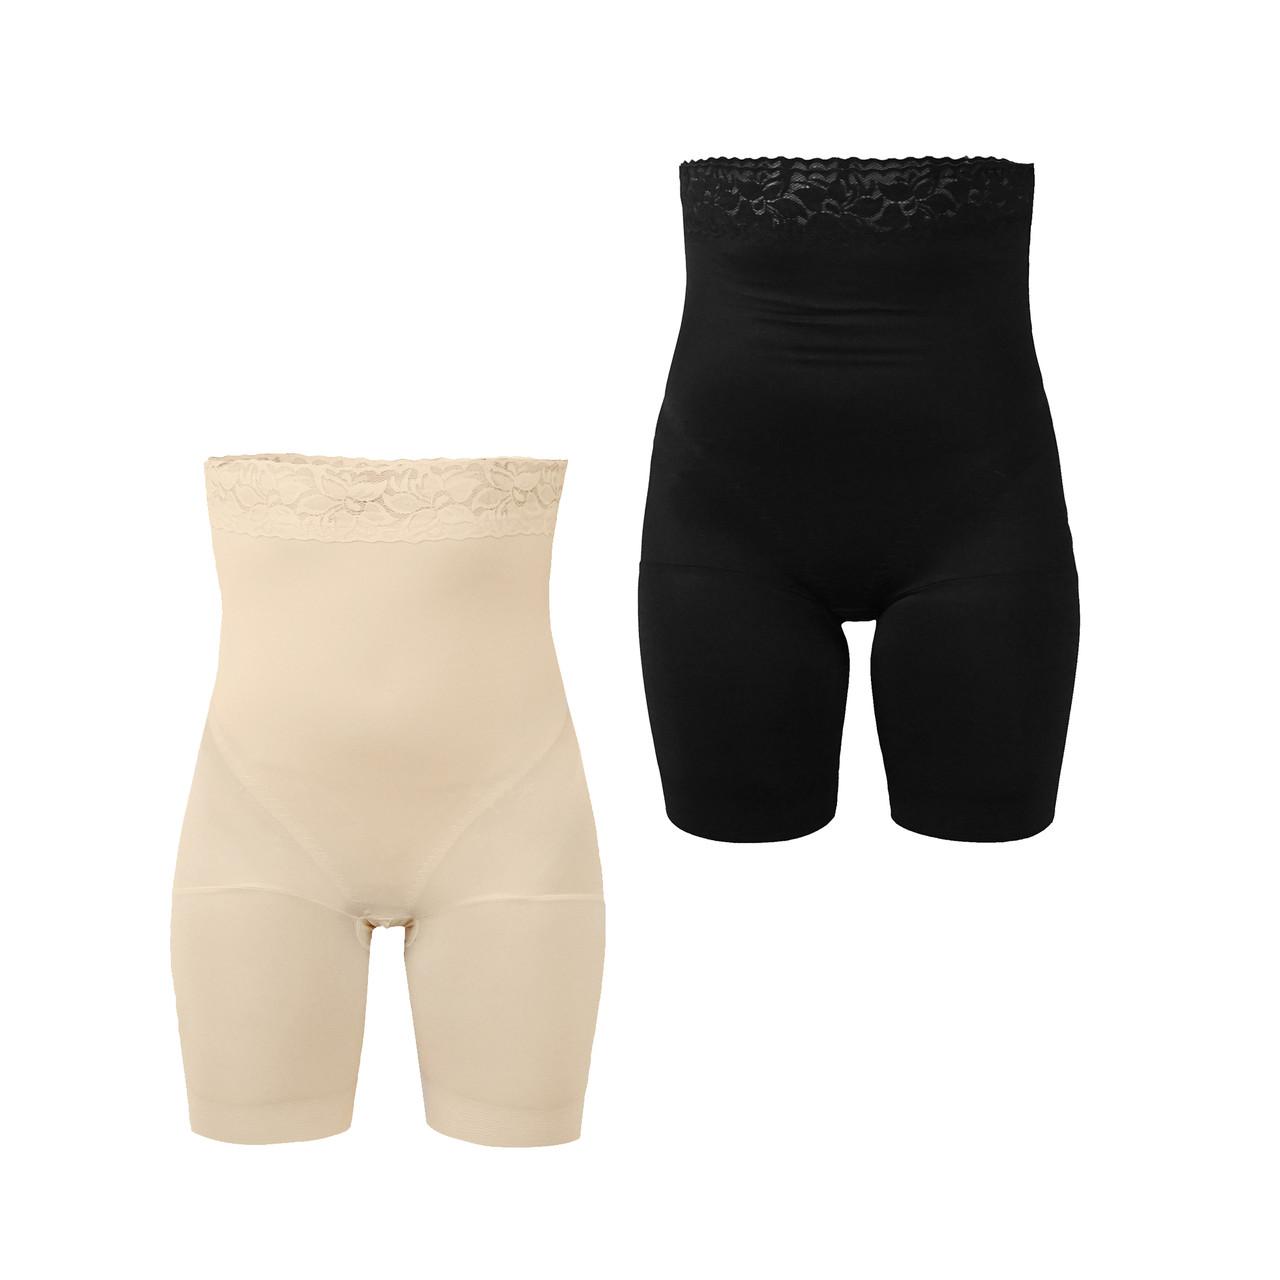 Набор белья для коррекции фигуры, шорты корректирующие с высокой посадкой, 2 шт Черный и Бежевый, размер ХL